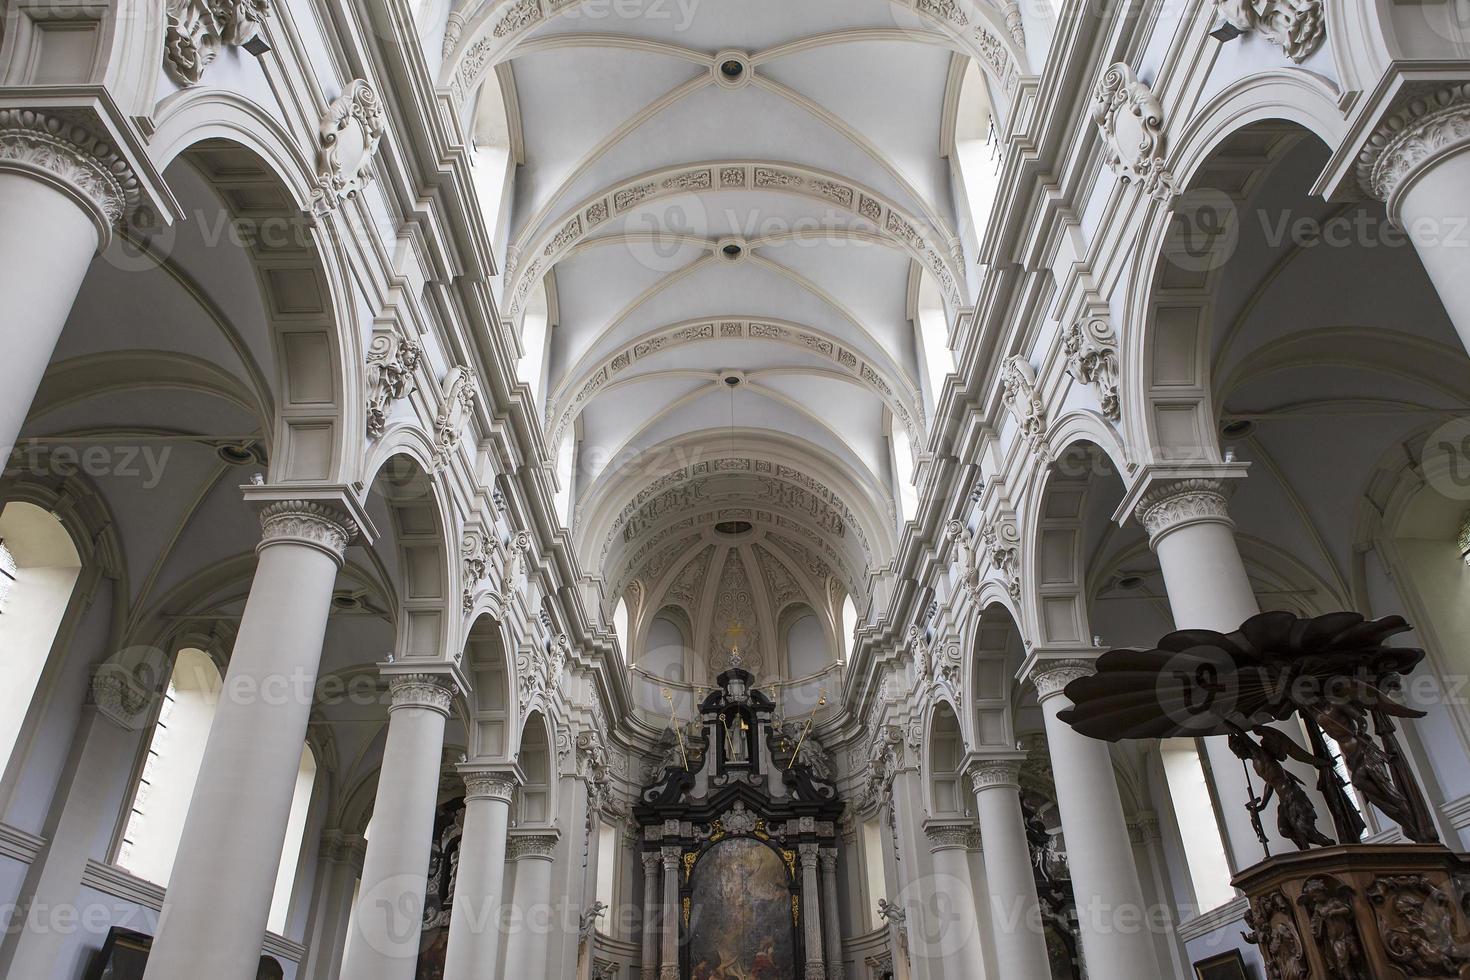 Les intérieurs de l'église Saint Walburga, Bruges, Belgique photo